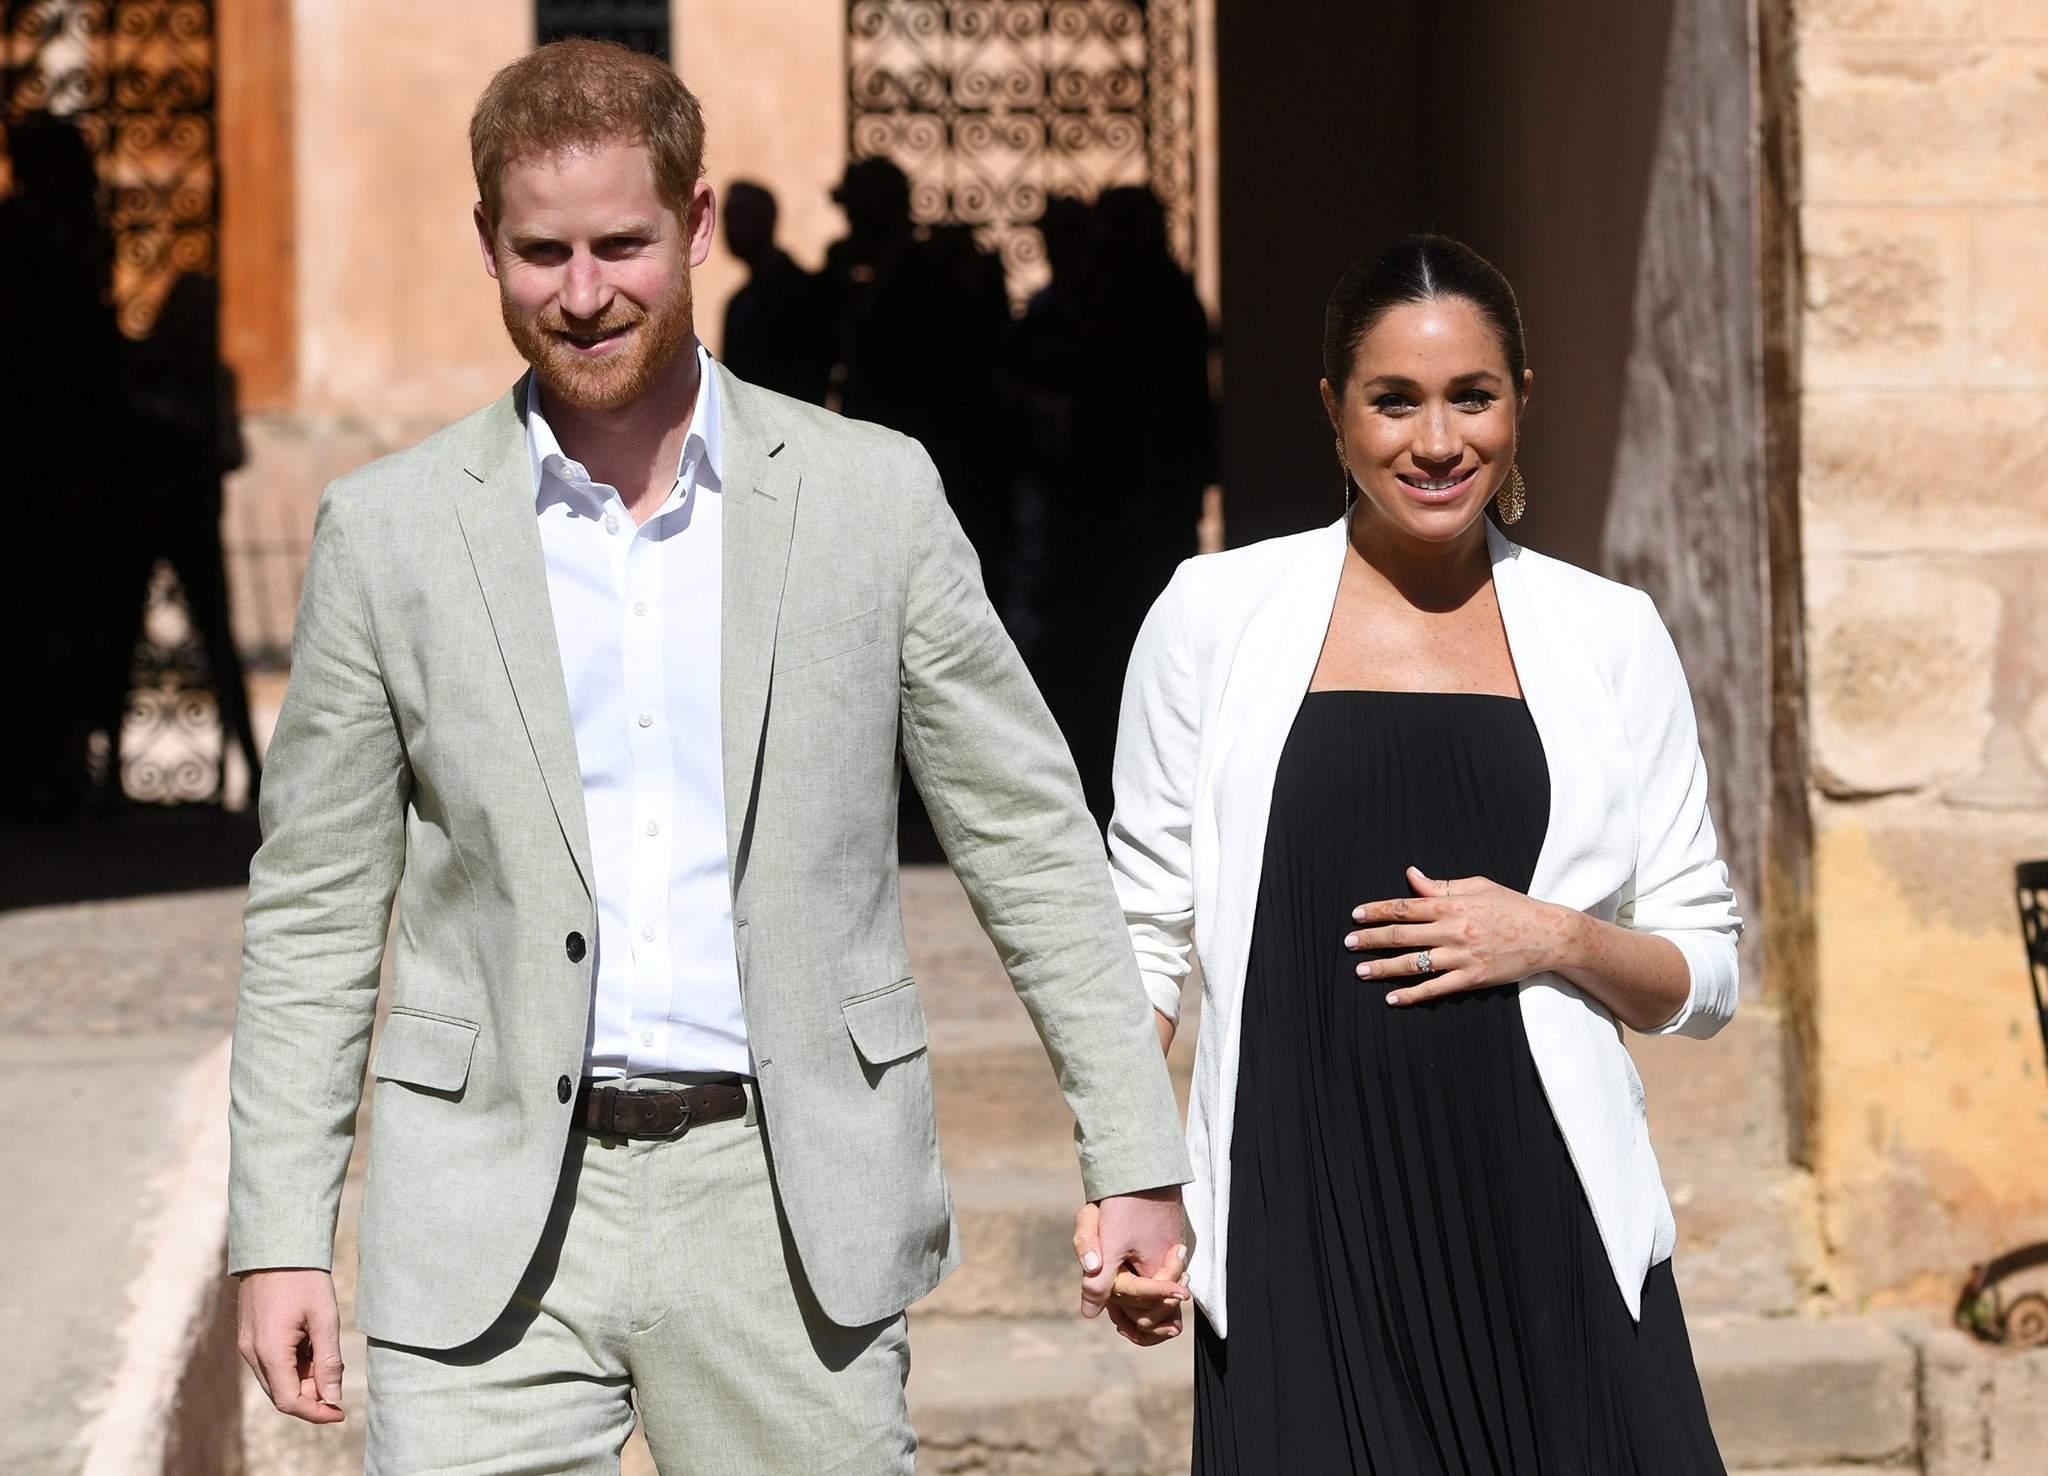 Meghan Markle cu mâna pe burtă, ținându-l pe Harry lângă ea, îmbrăcat la costum gri